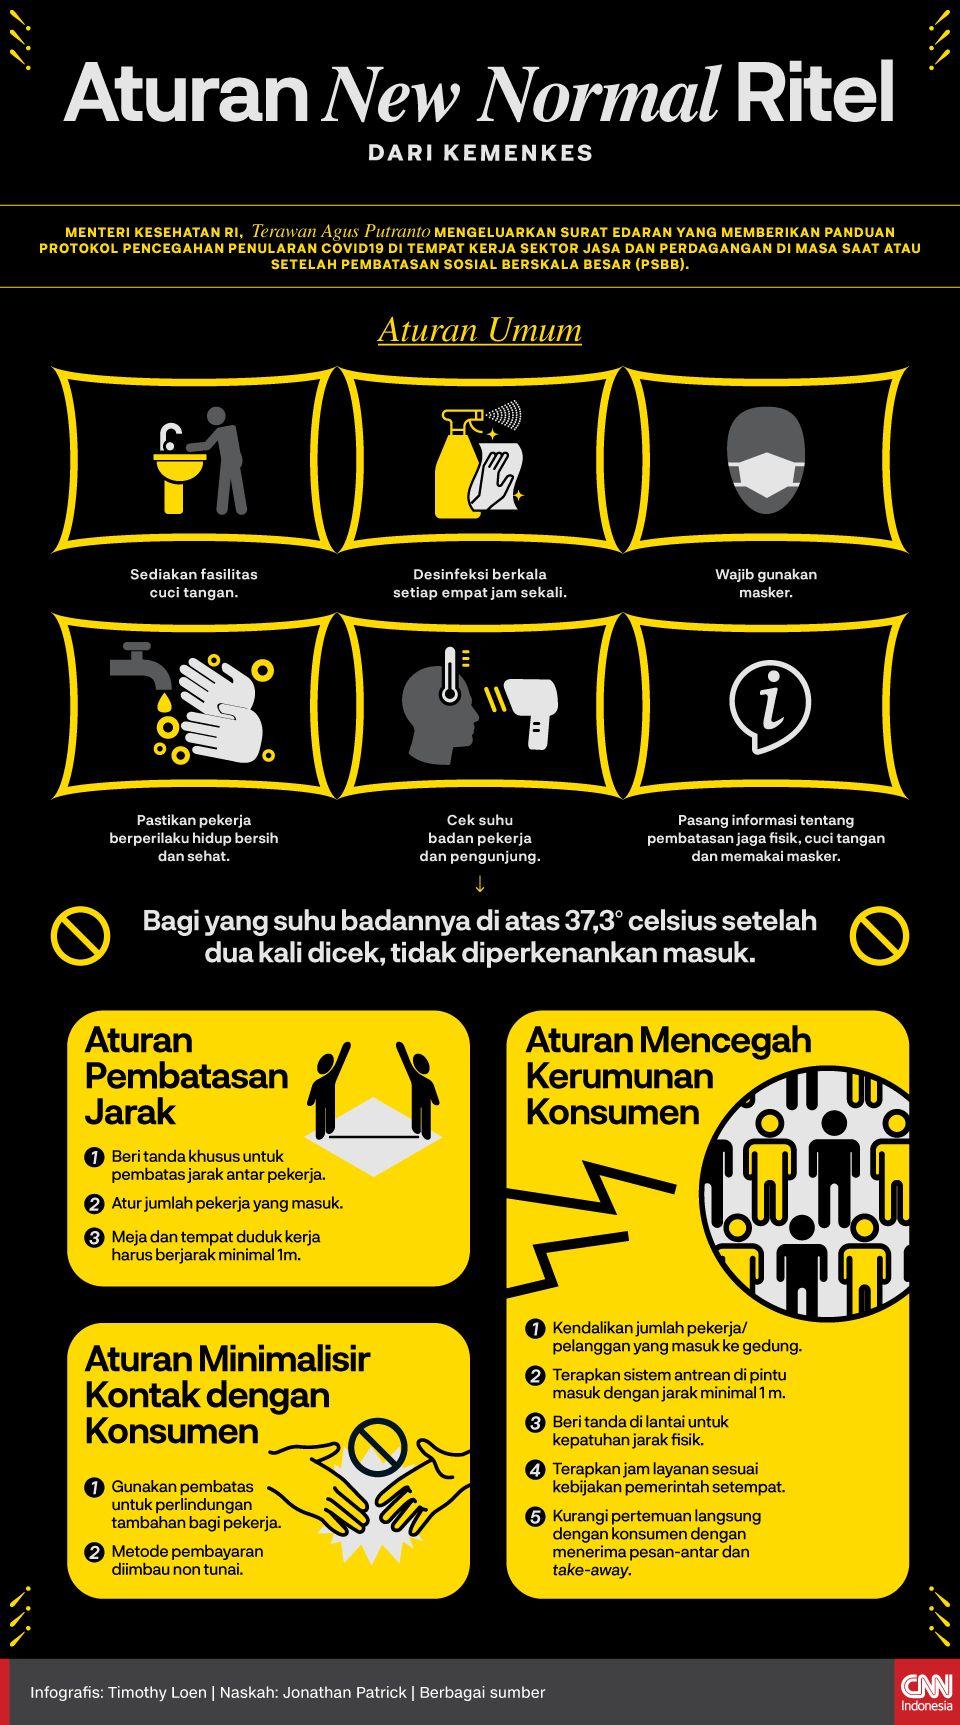 Infografis Aturan New Normal Ritel dari Kemenkes